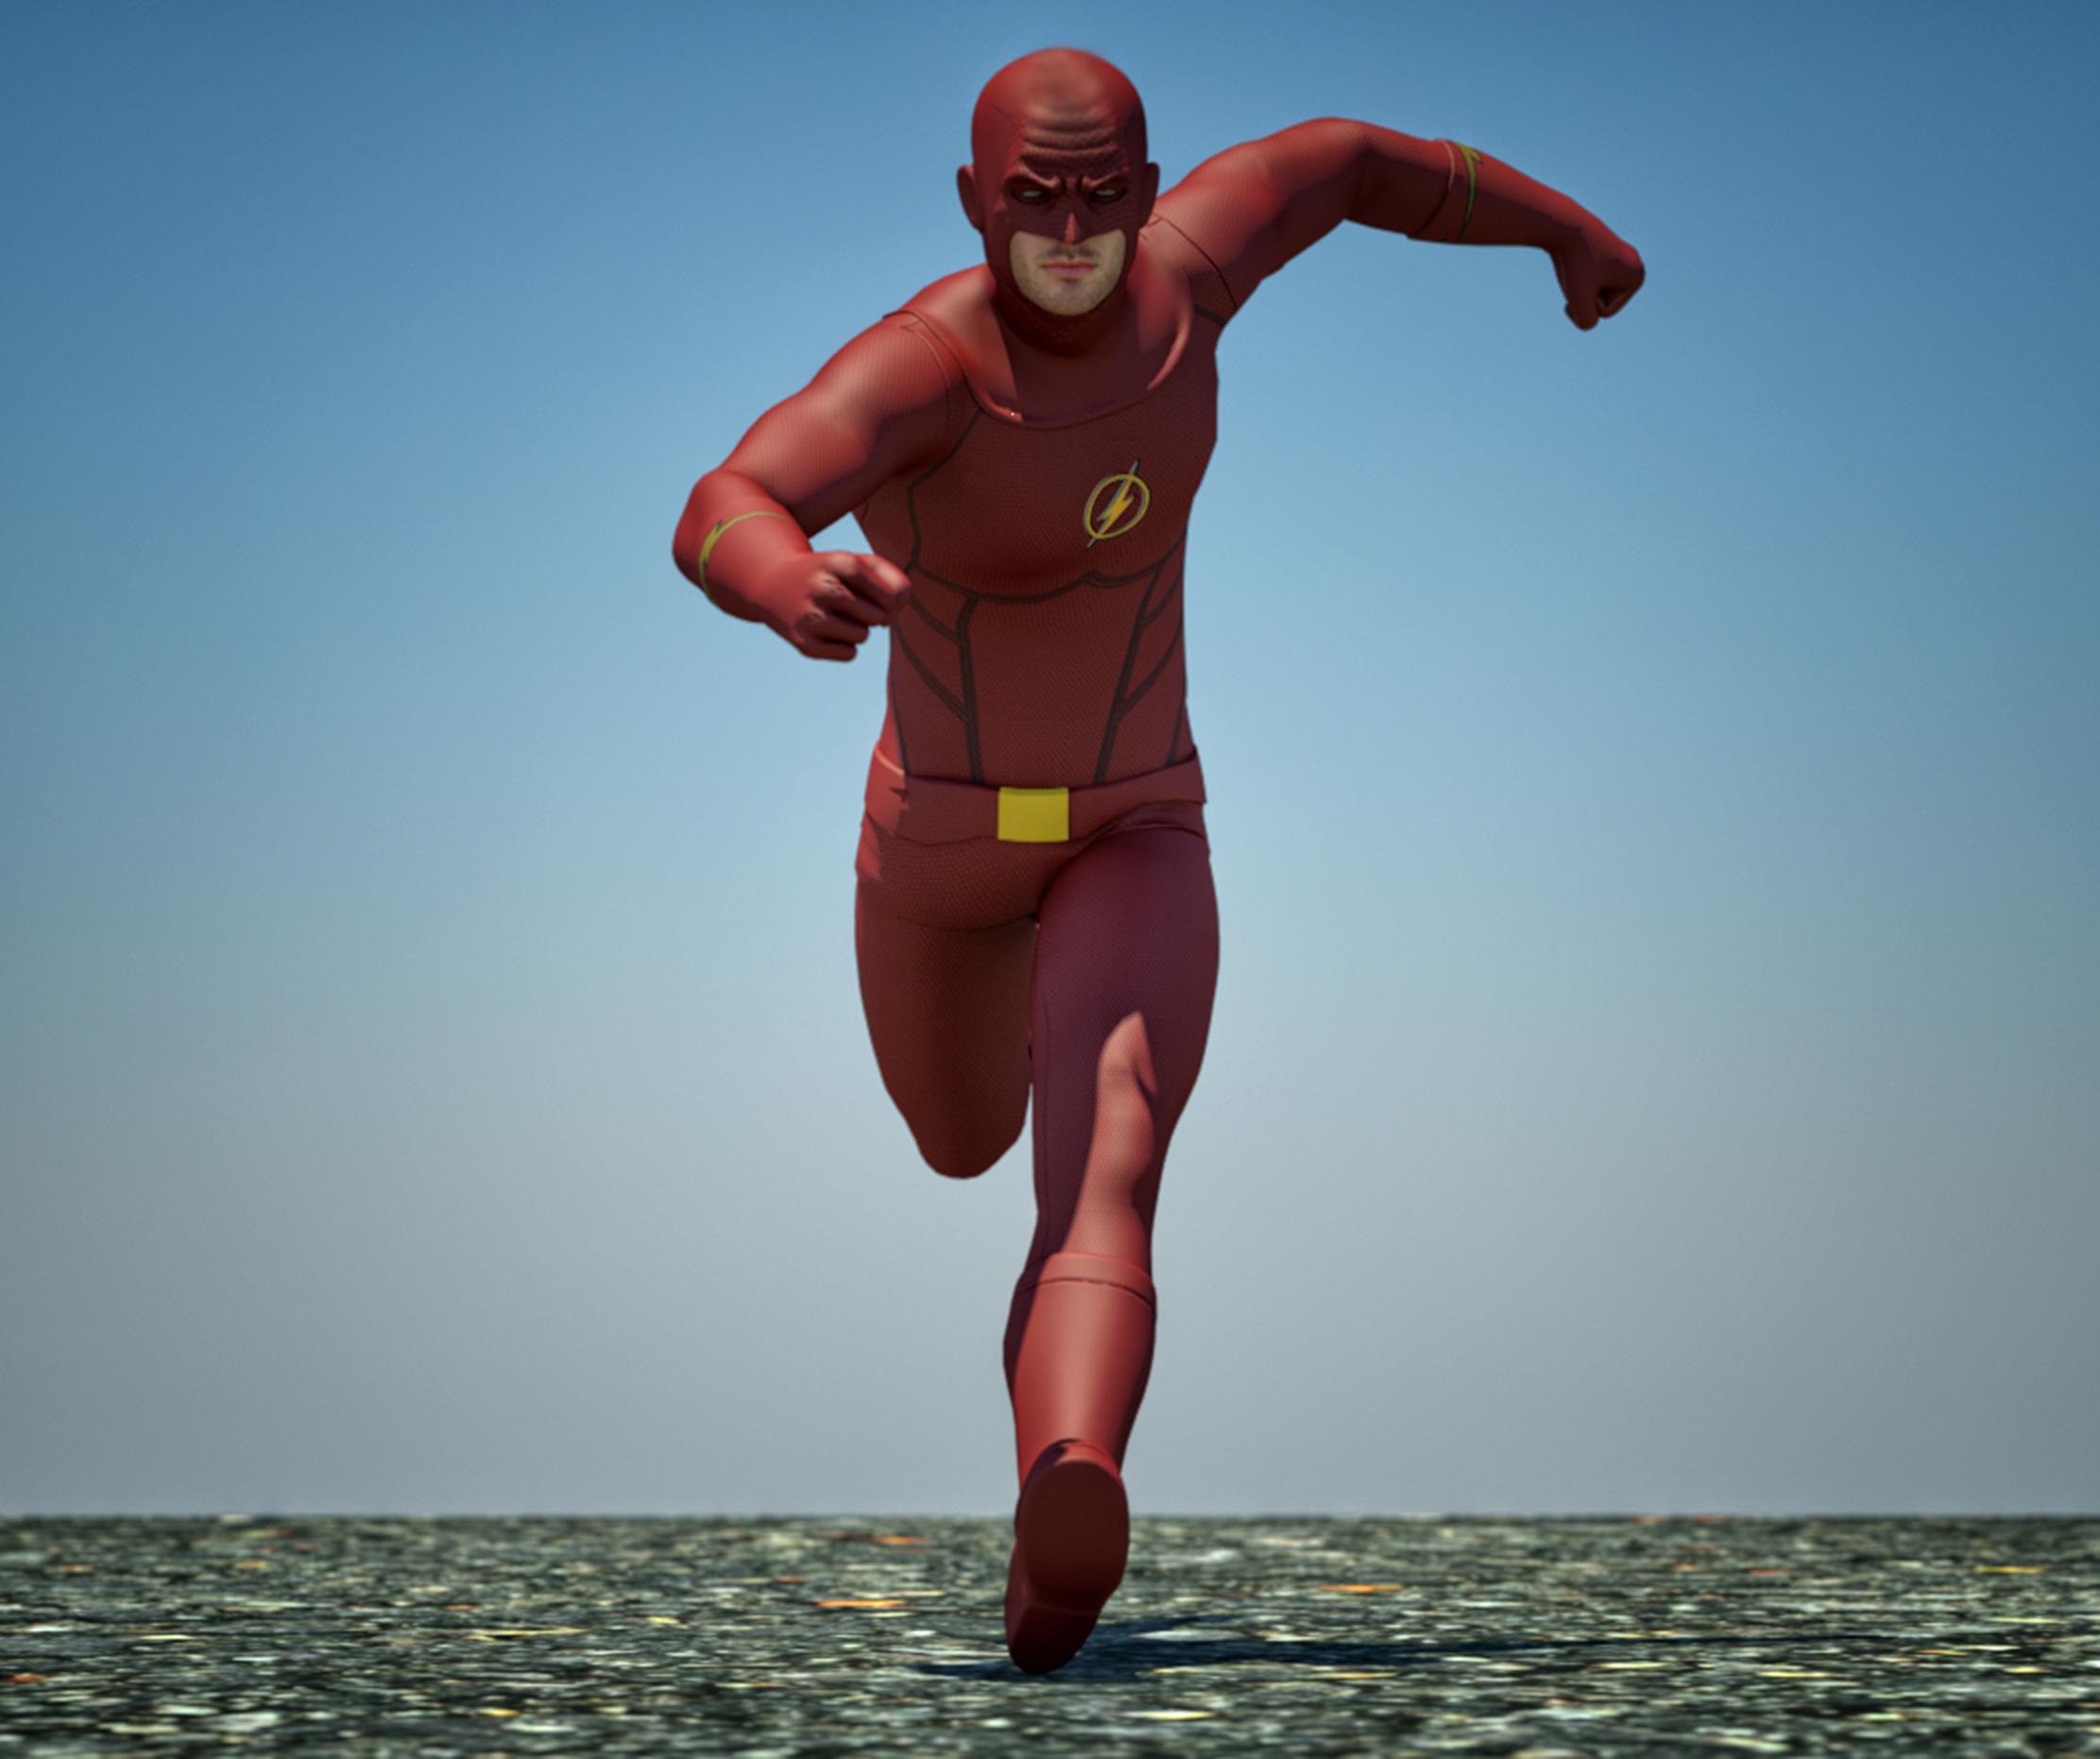 Flash textures 4 goldenage suit